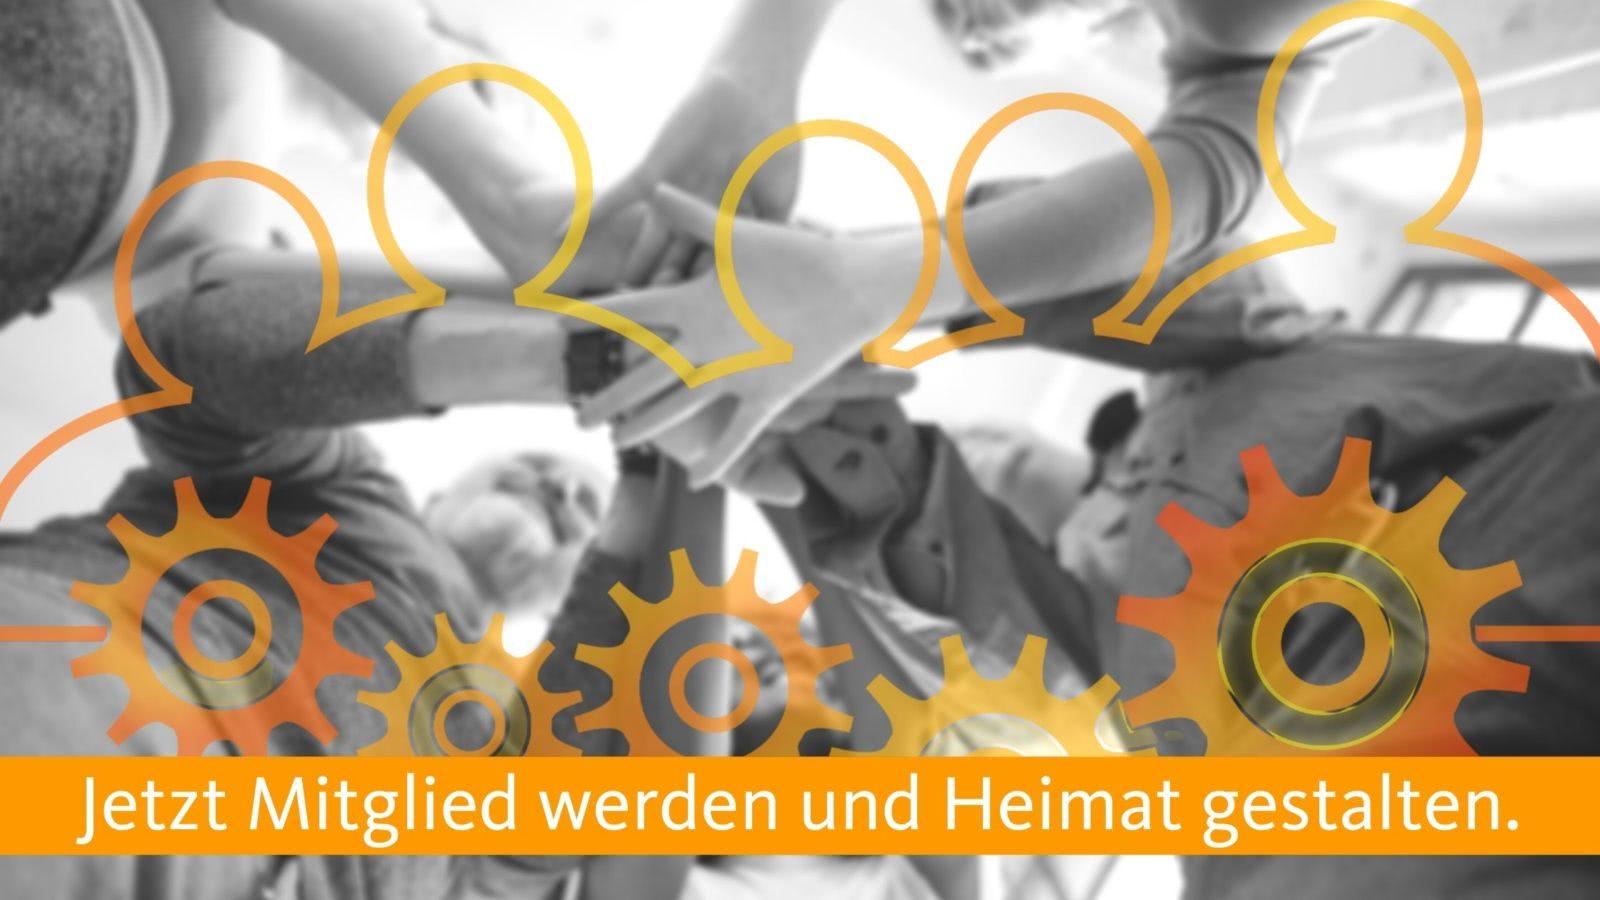 Mitglied werden - CDU Kreisverband SÜW